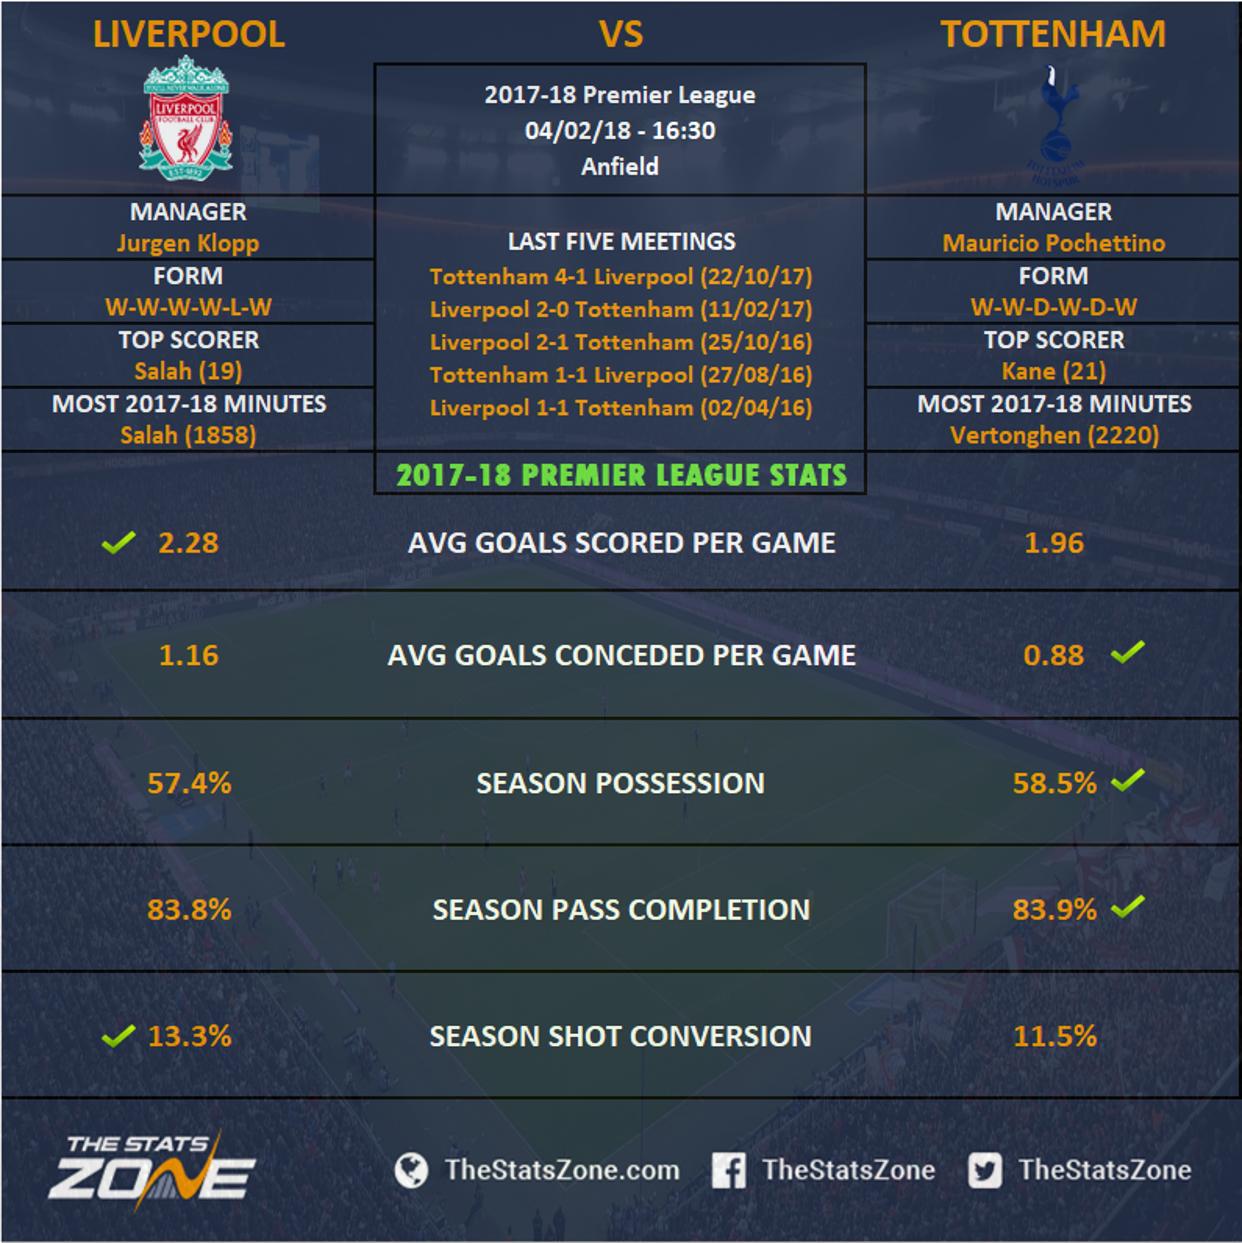 Tottenham Liverpool Stats